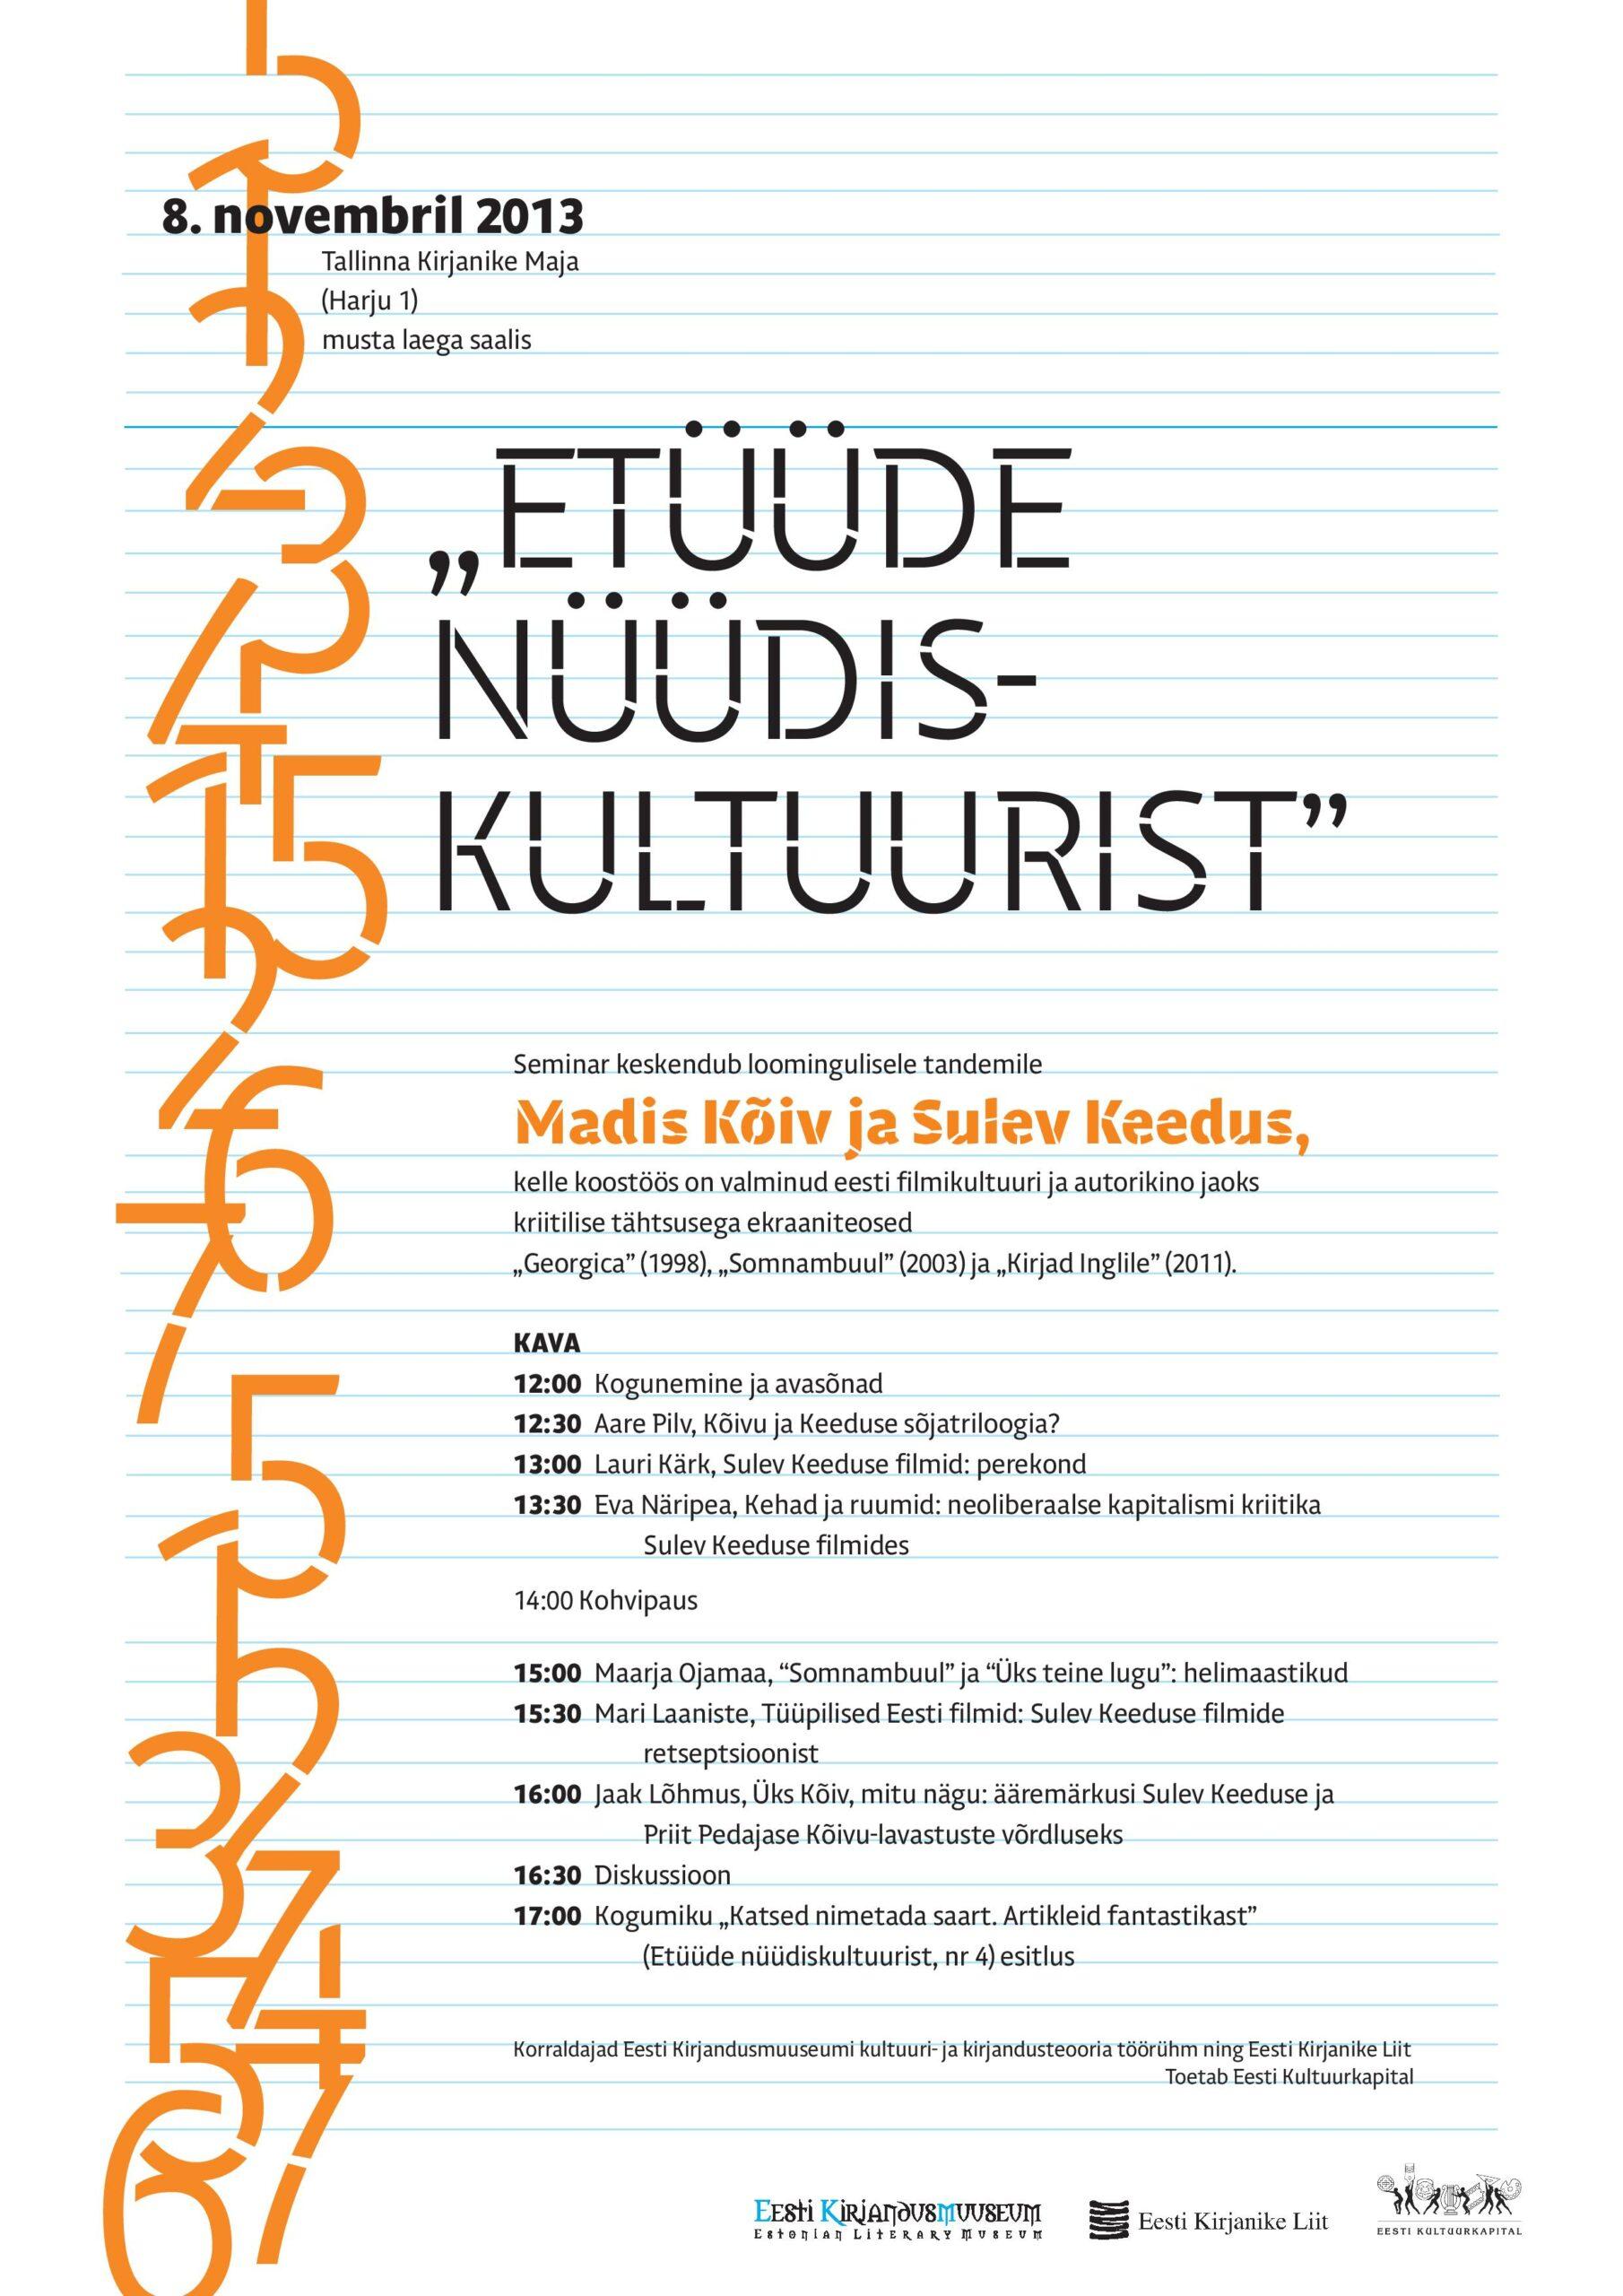 Seminaripäev Sulev Keeduse ja Madis Kõivu filmidest